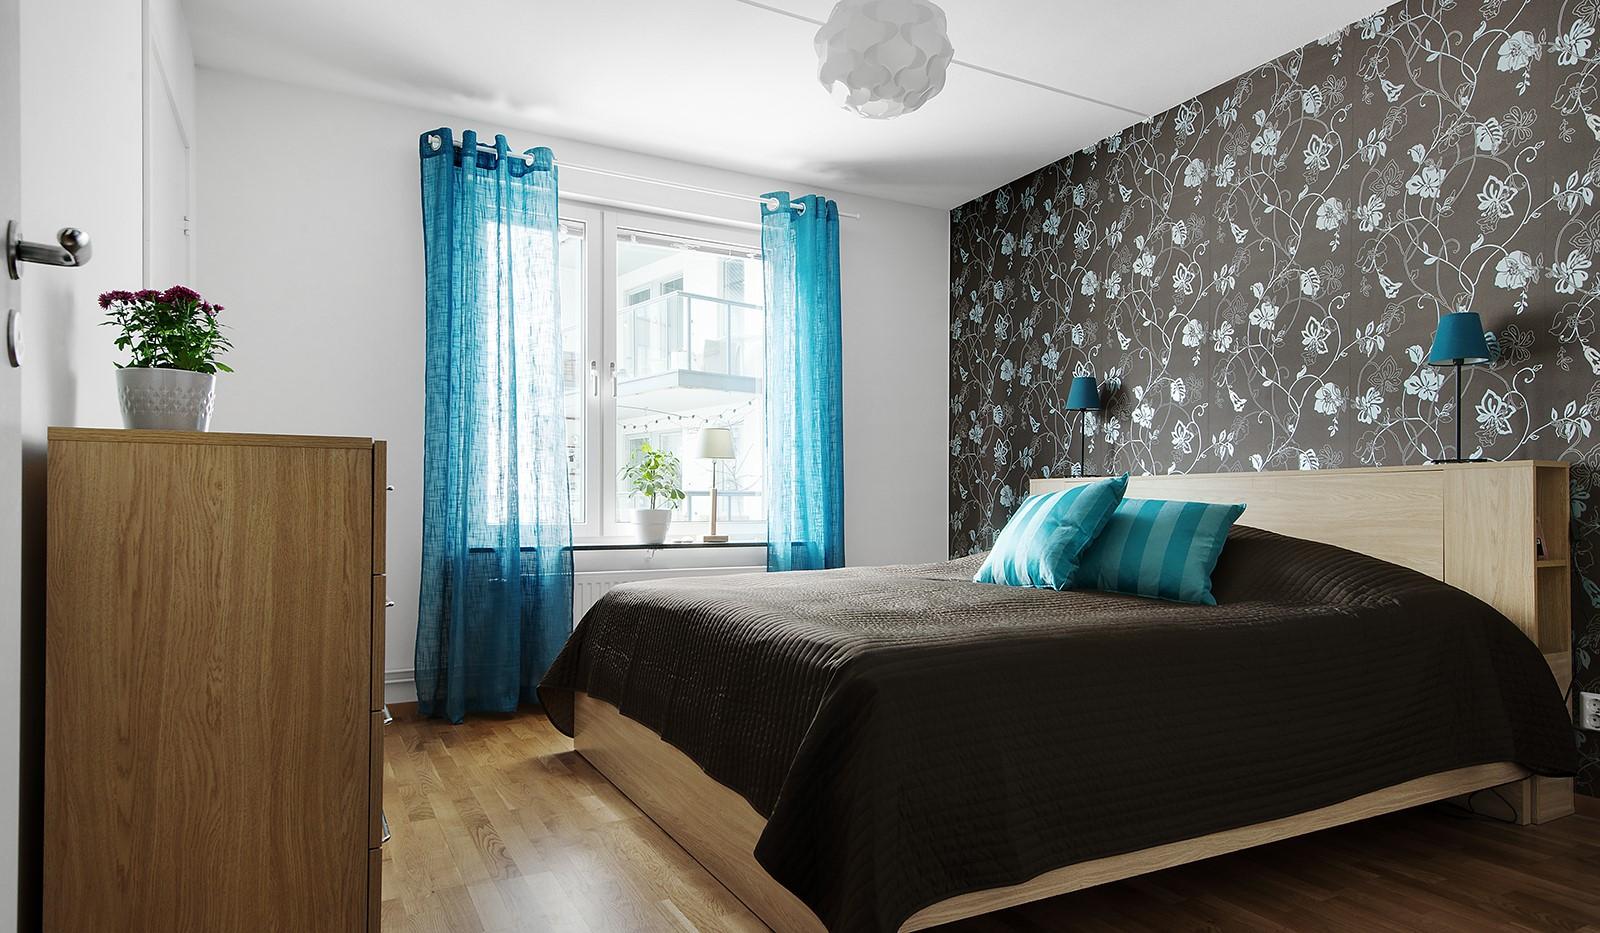 Grönbrinksgatan 6, 4tr - Sovrum 1: Plats för stor säng och byrå. Fönster vetter mot gården